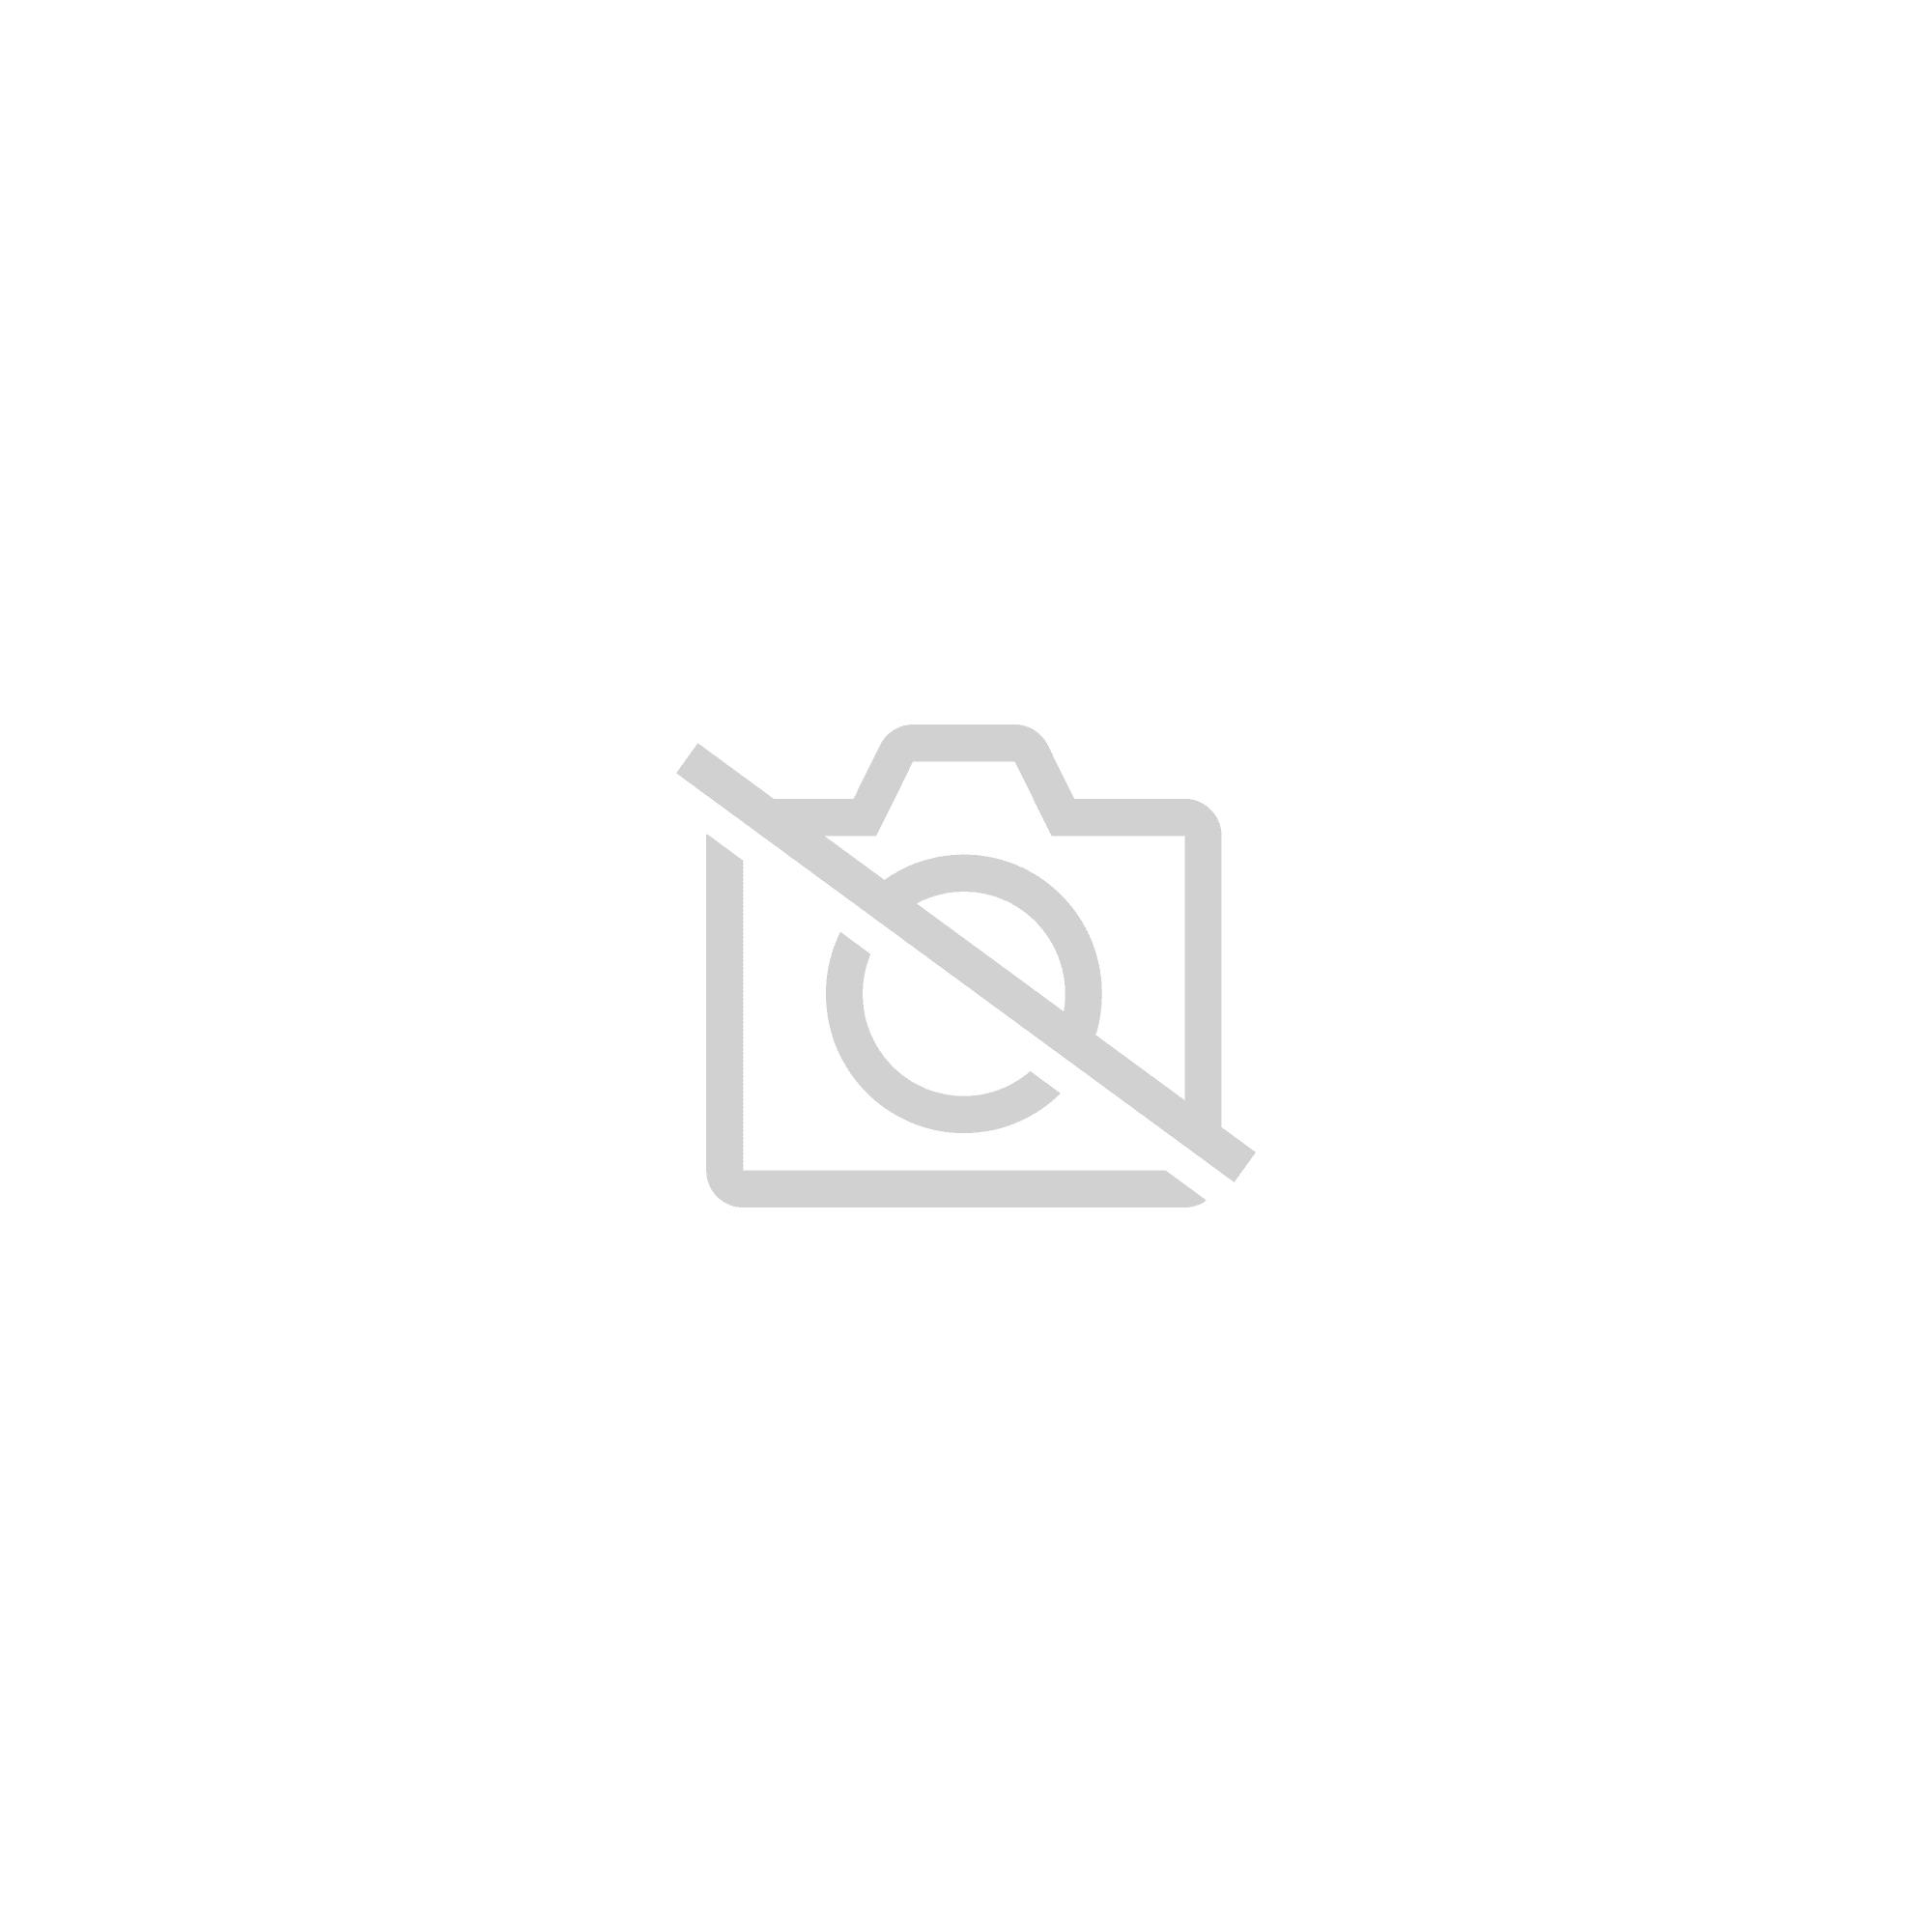 oris - Une nouvelle montre profondimètre chez Oris 368513130